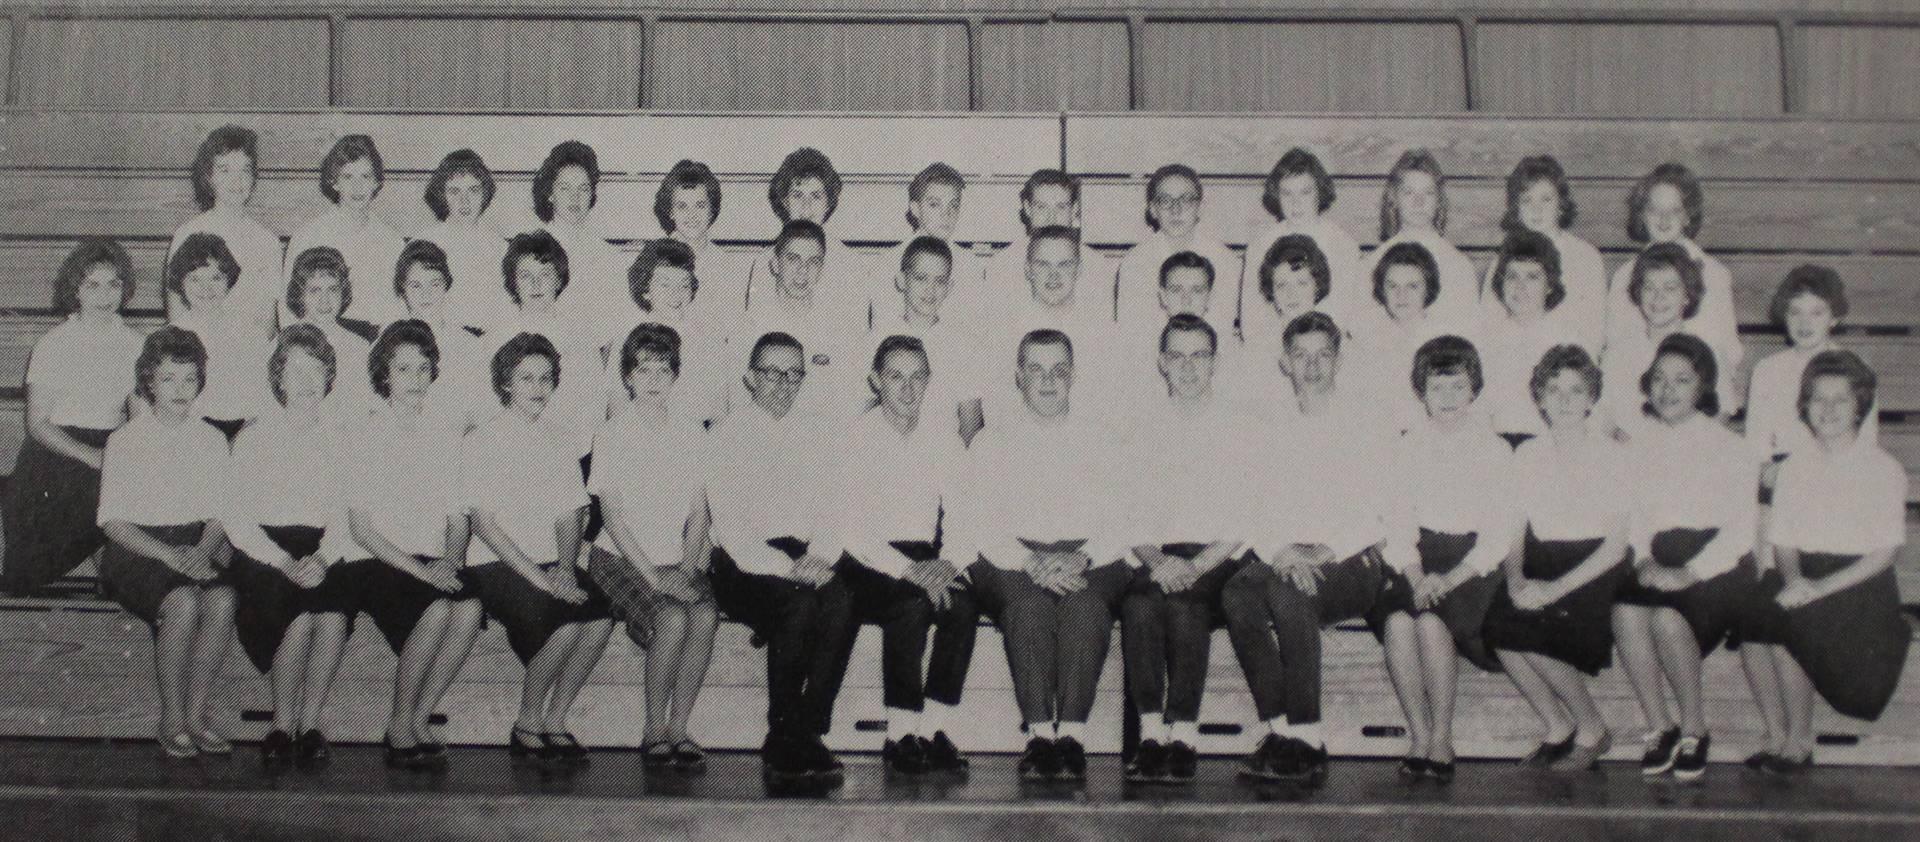 1963 Senior Mixed Choir